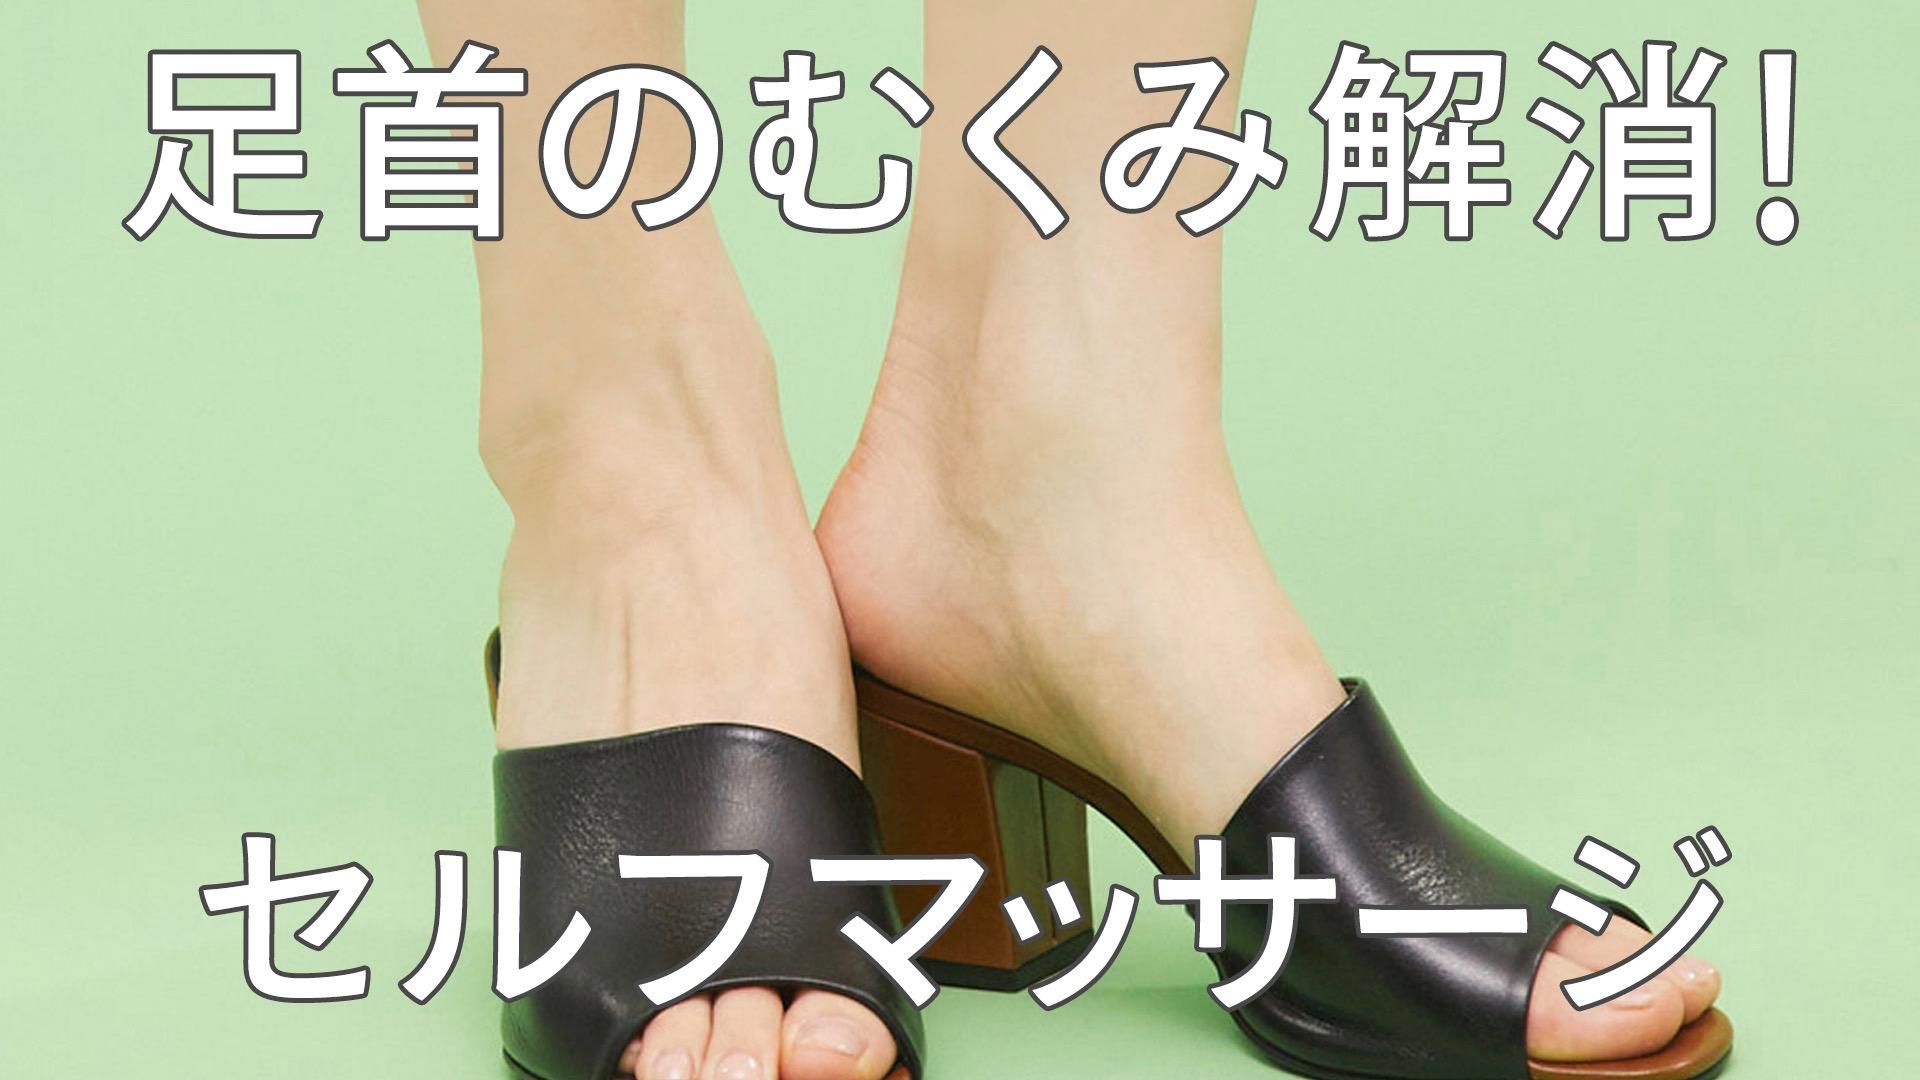 【むくみ解消で美脚見え!】足首スッキリ、村木式セルフマッサージ